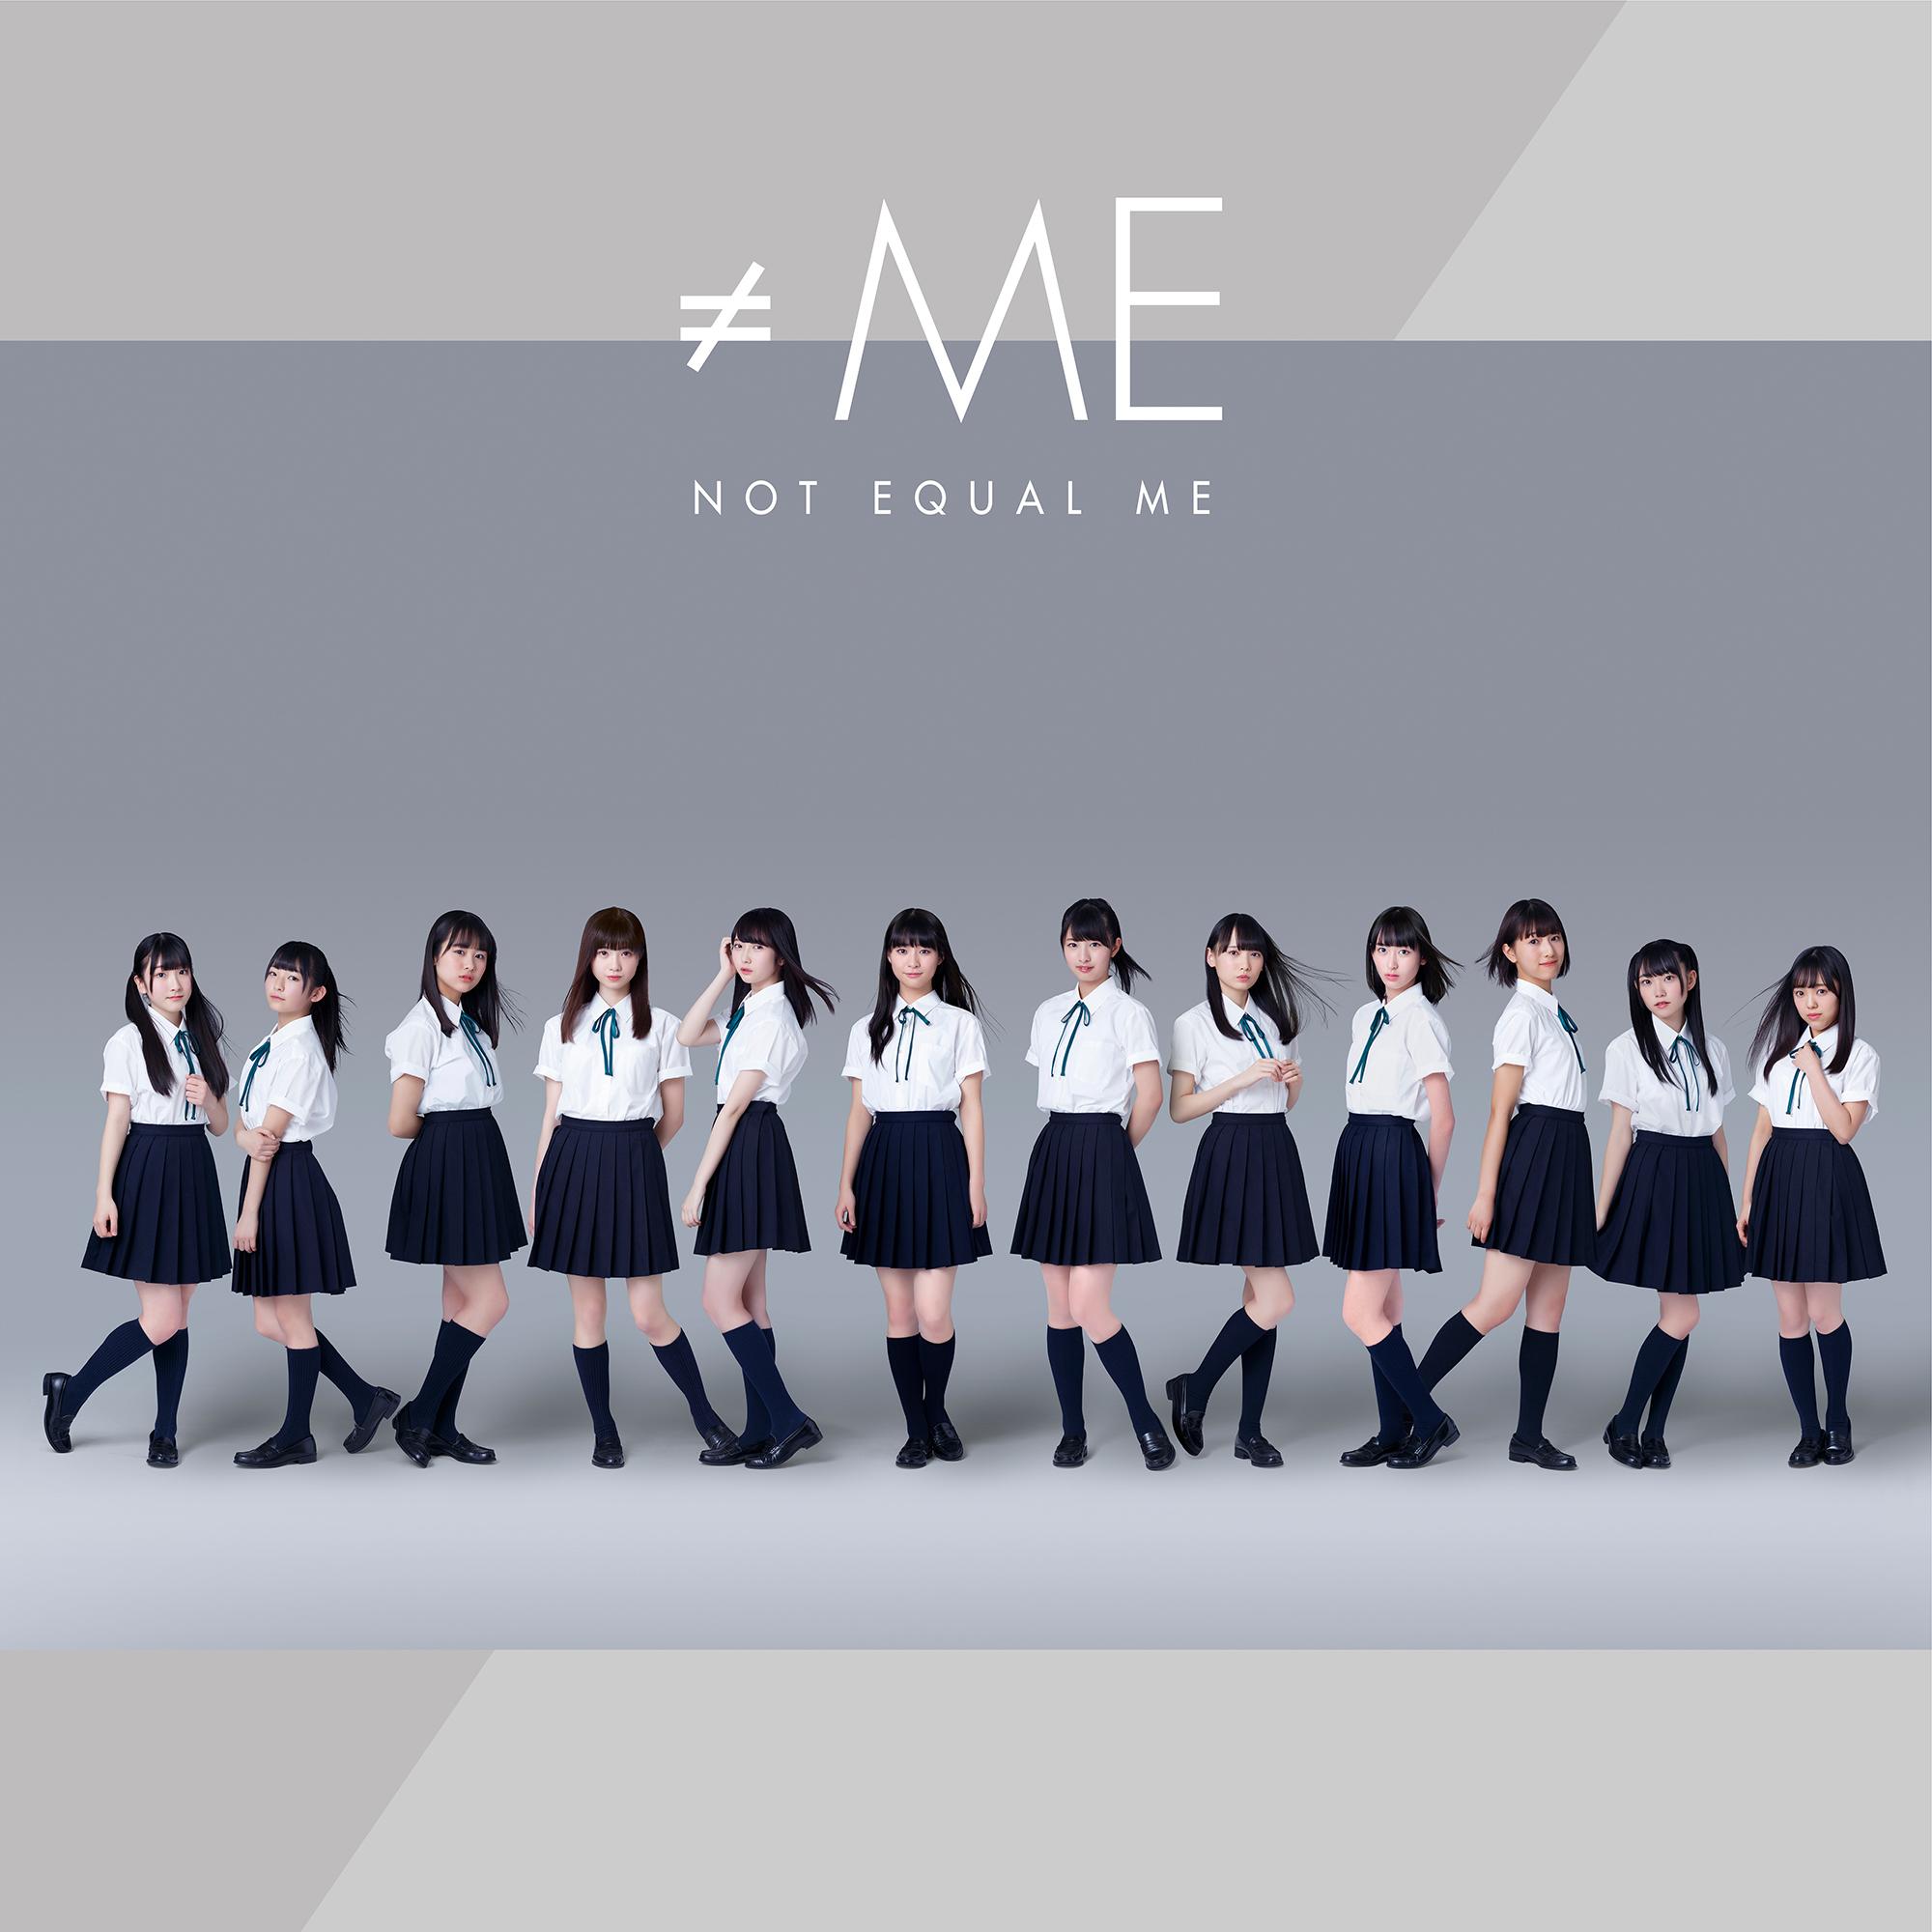 指原莉乃プロデュースの新アイドルグループ『≠ME』(読み:ノットイコールミー)